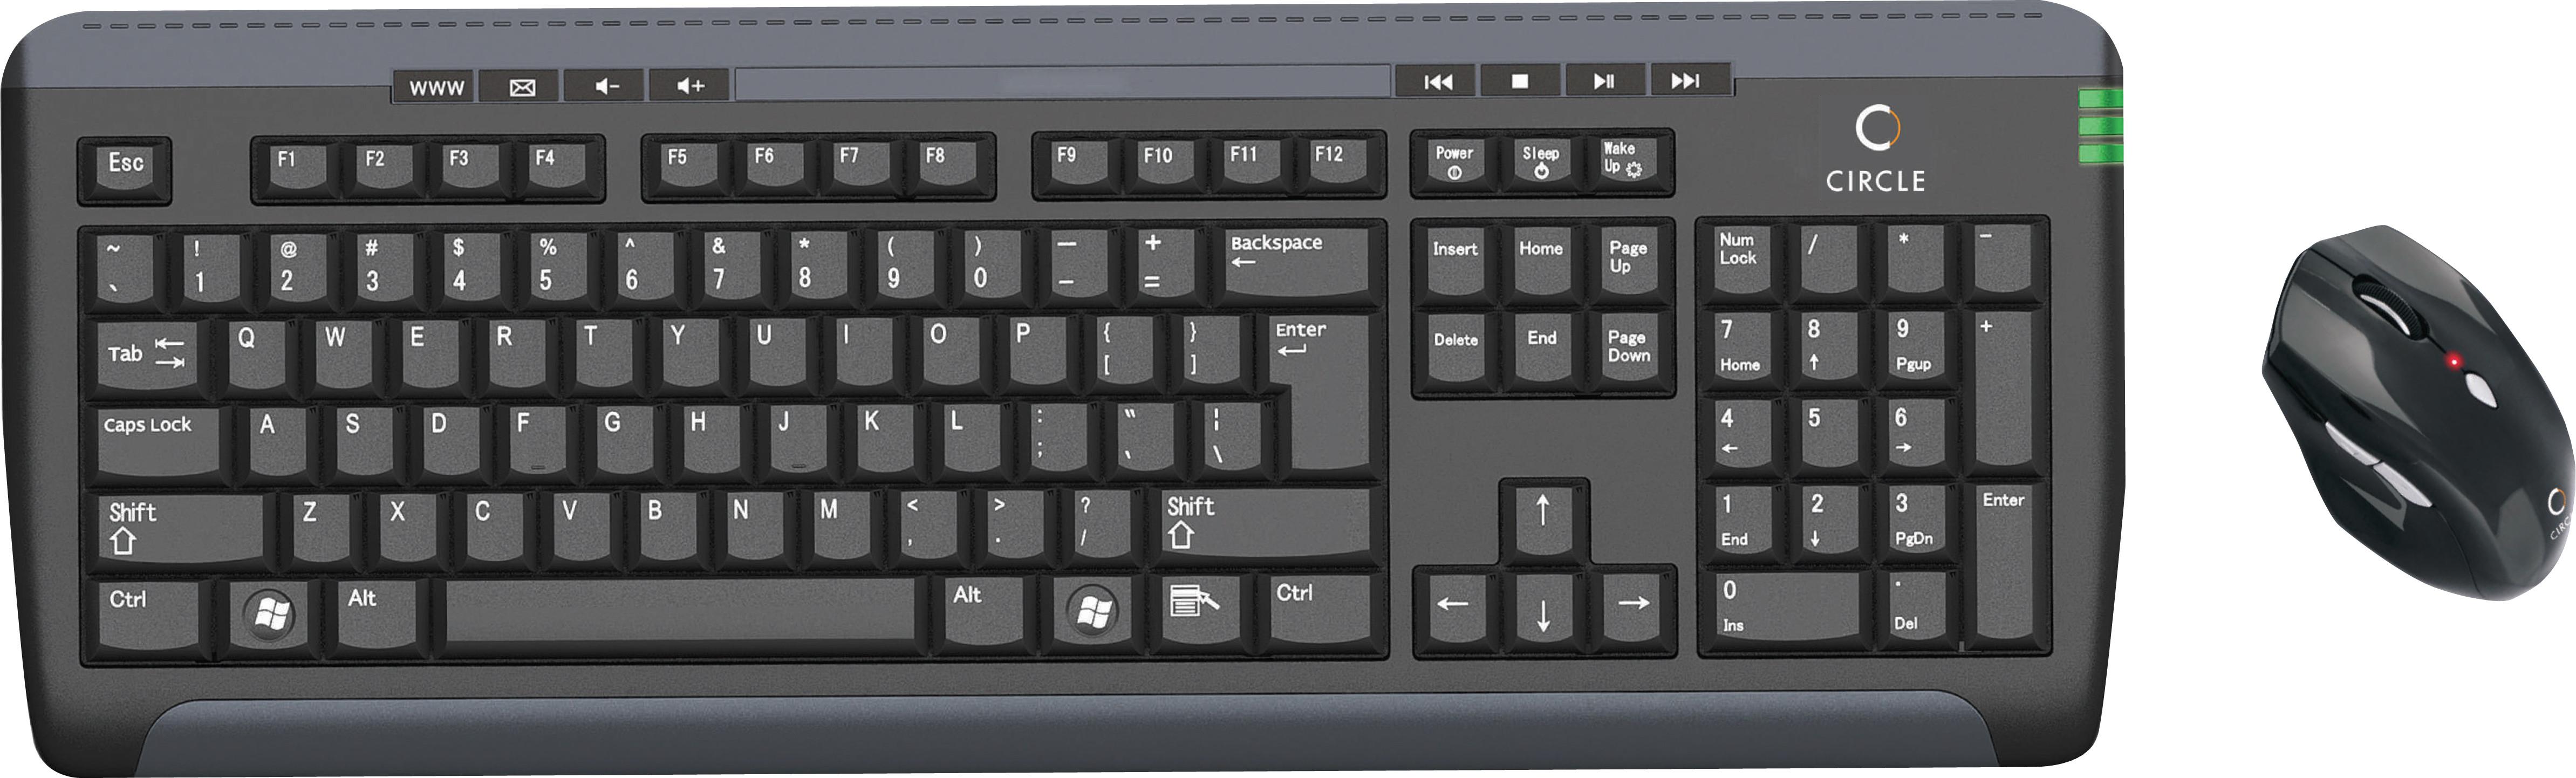 Circle Wireless Mouse Circle a5 Wireless Keyboard